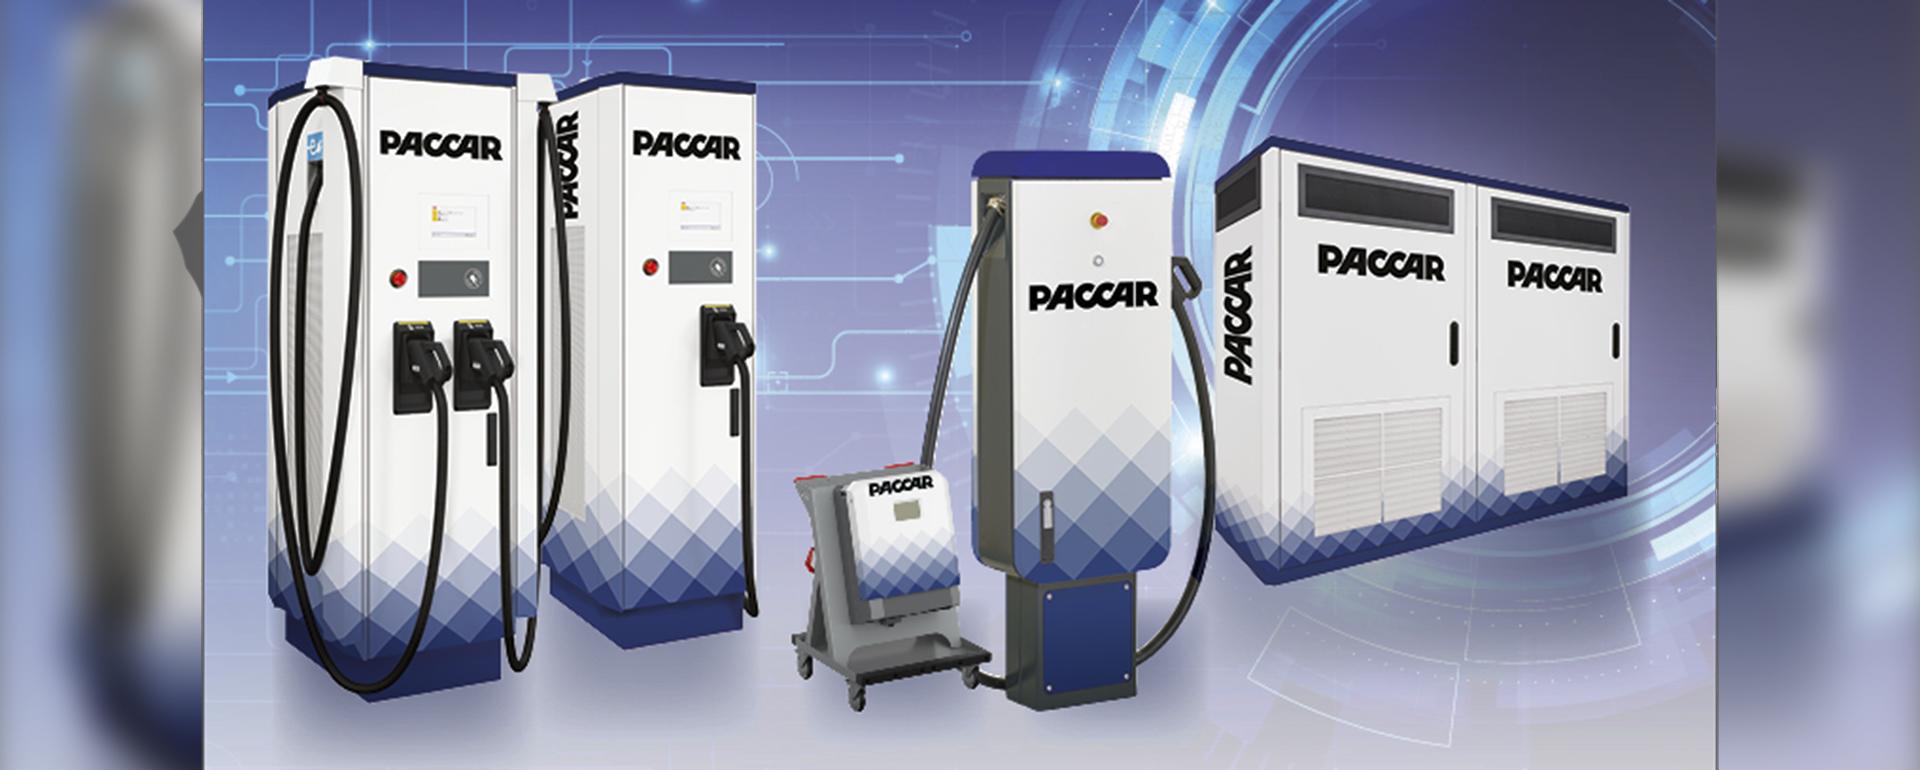 Ladestationen von PACCAR für alle Elektrofahrzeuge